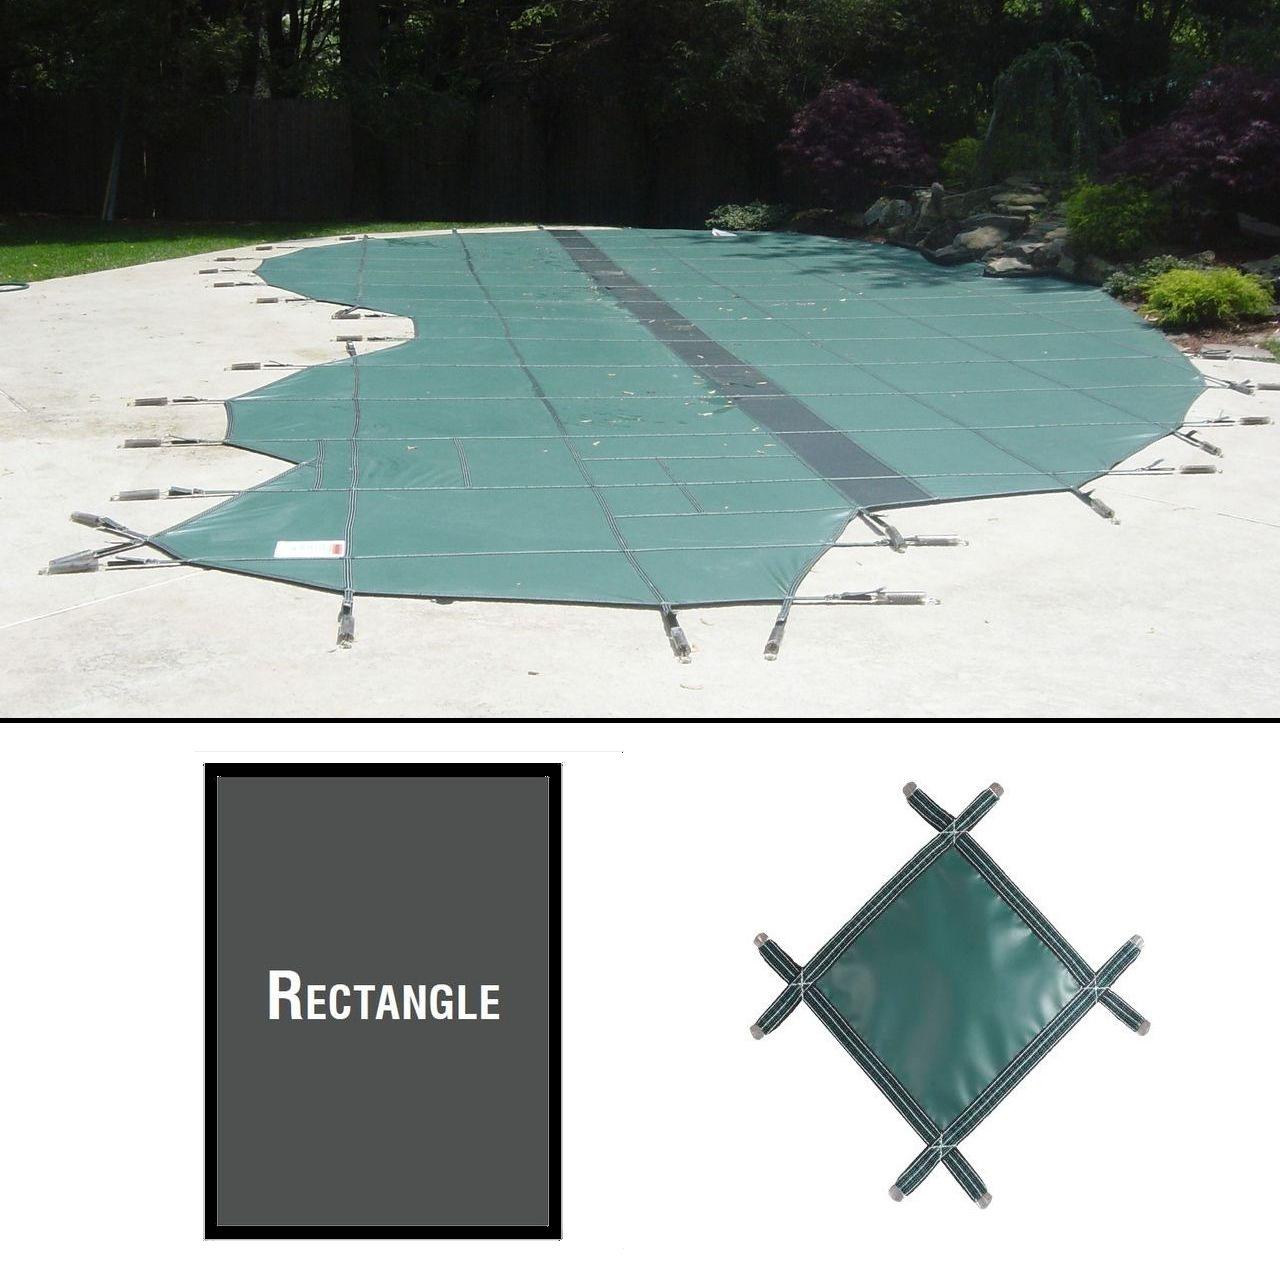 PermaGuard 20'x46' Rectangular Pool Cover